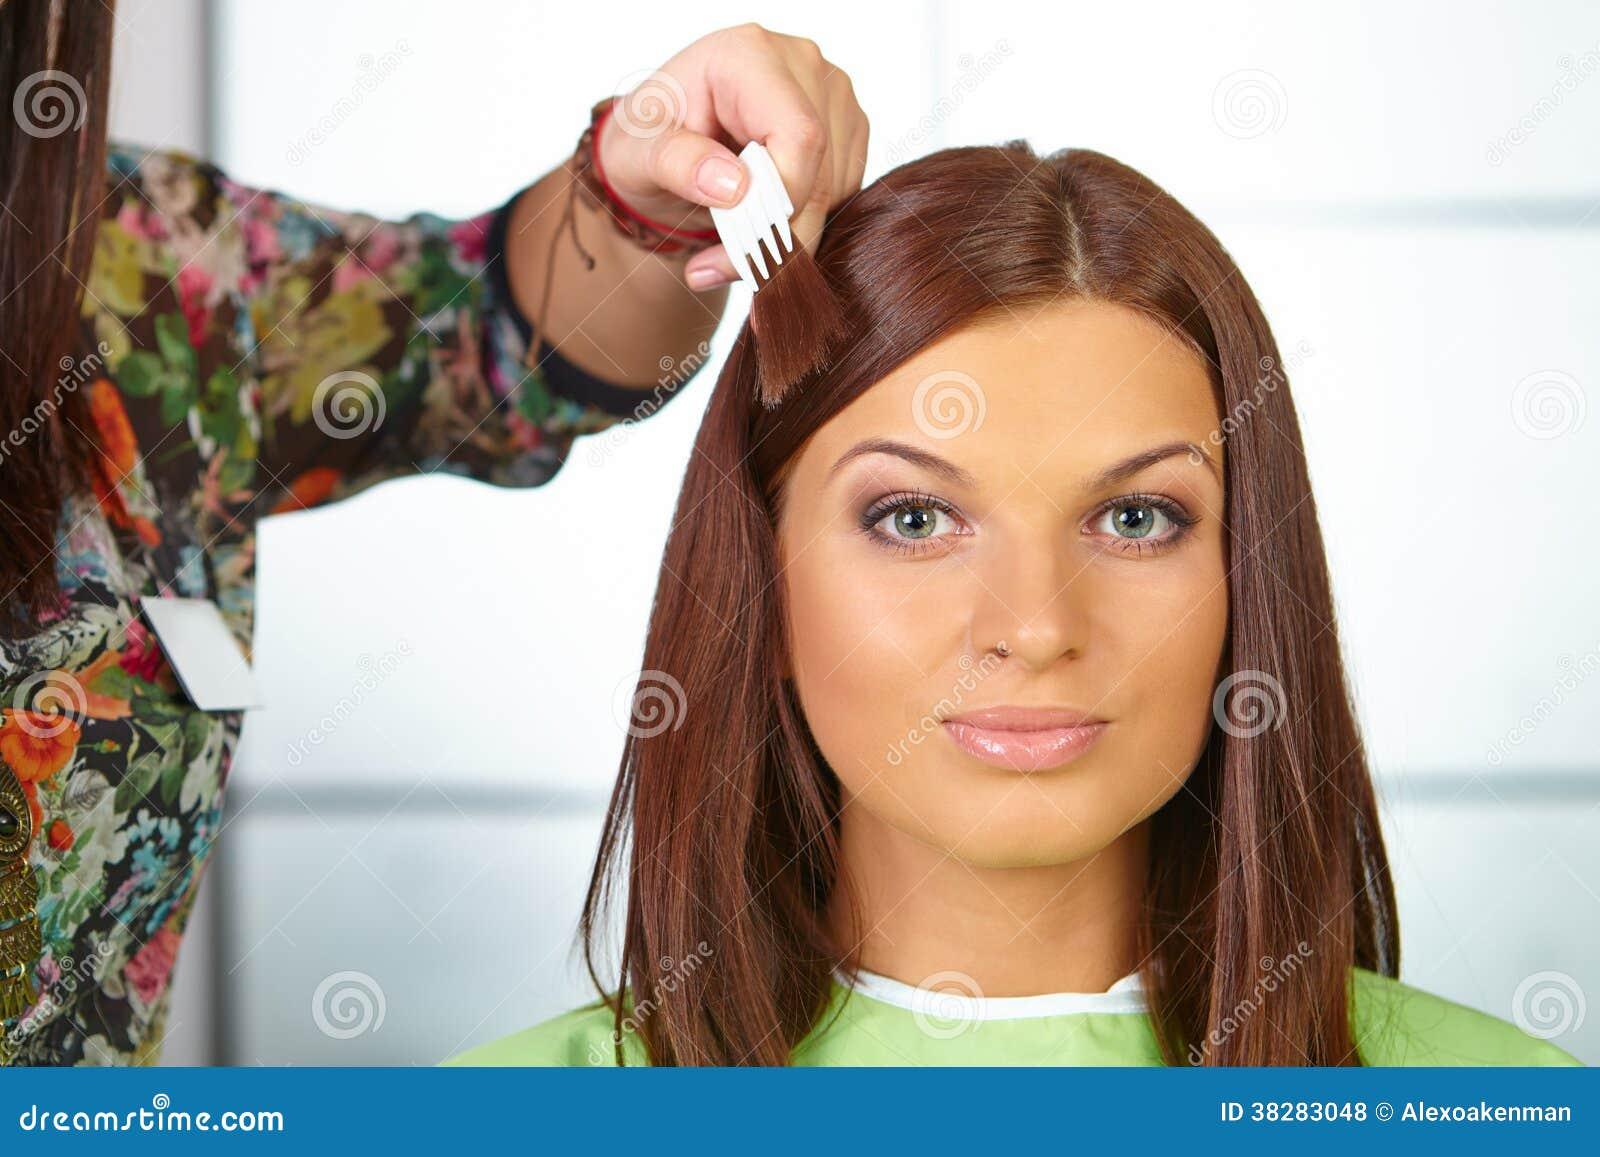 Włosiany salon. Kobiet choses kolor barwidło.